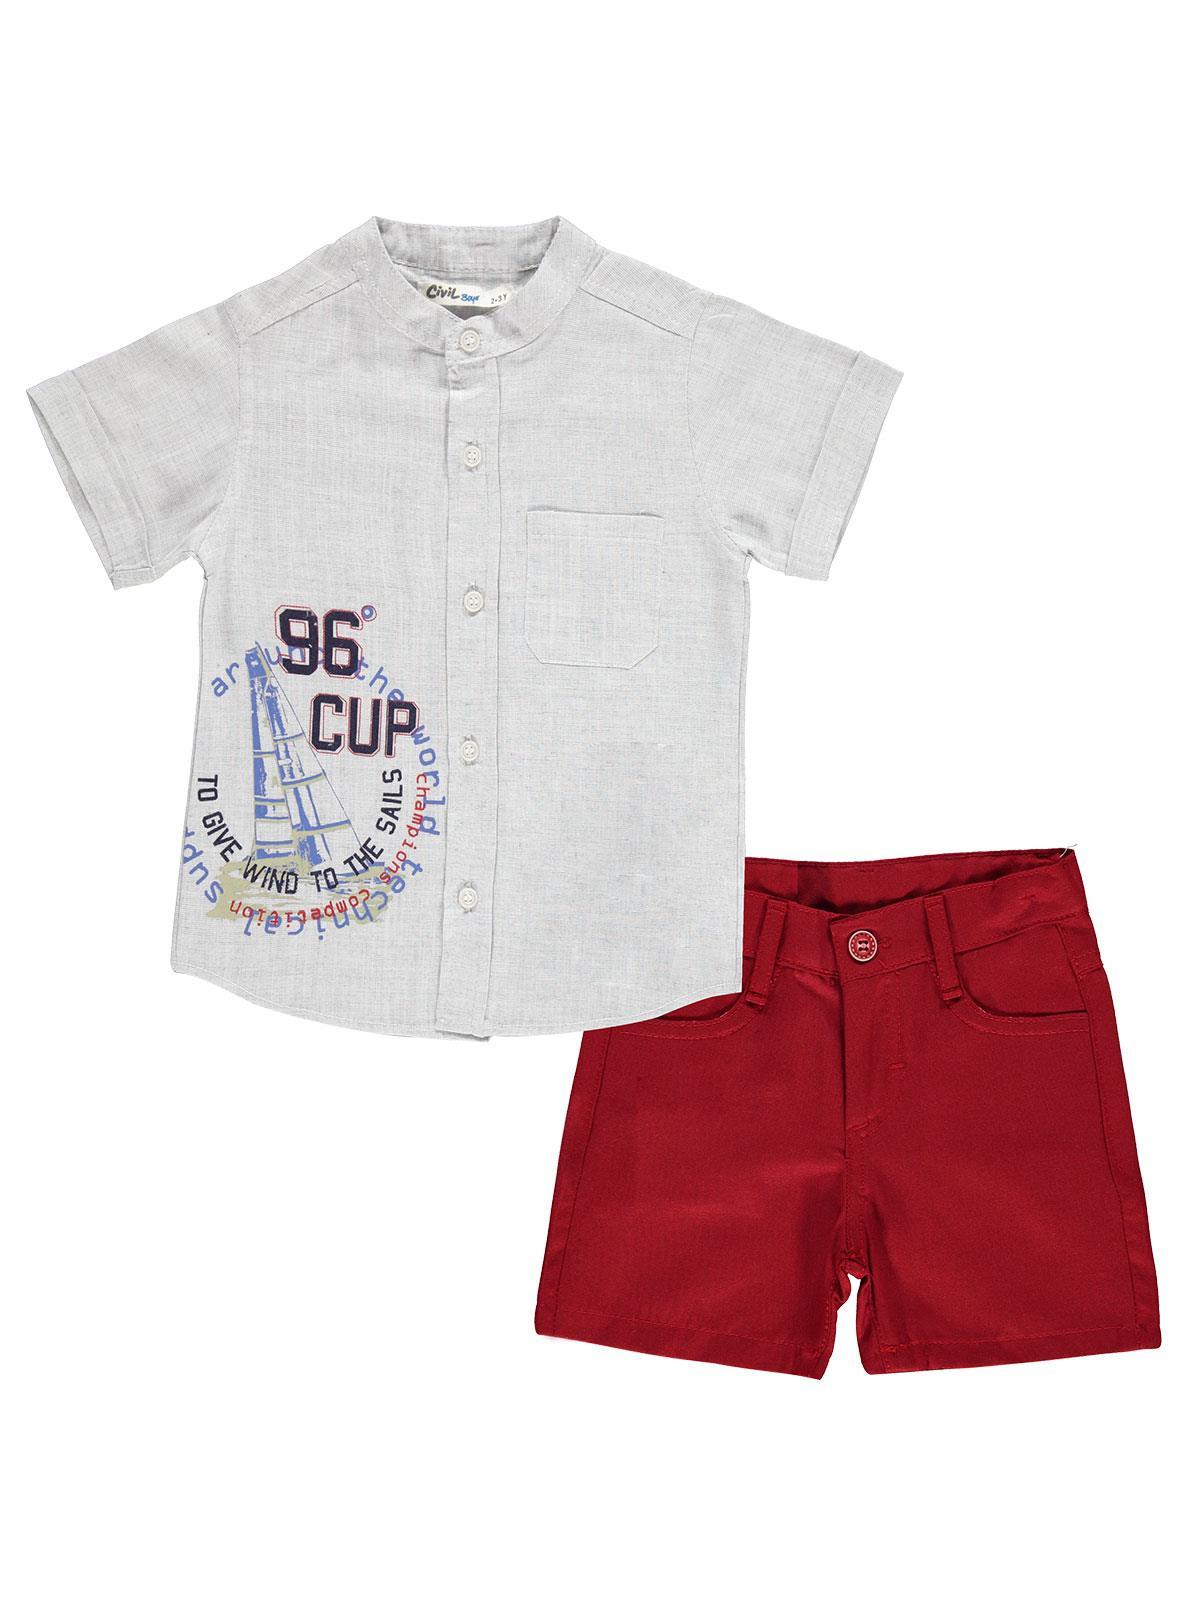 Verano 2020, conjuntos de ropa para niños, niñas, bebés, Camiseta con estampado de dibujos animados + Pantalones, ropa Civil, pantalones cortos para niños, traje de edades a